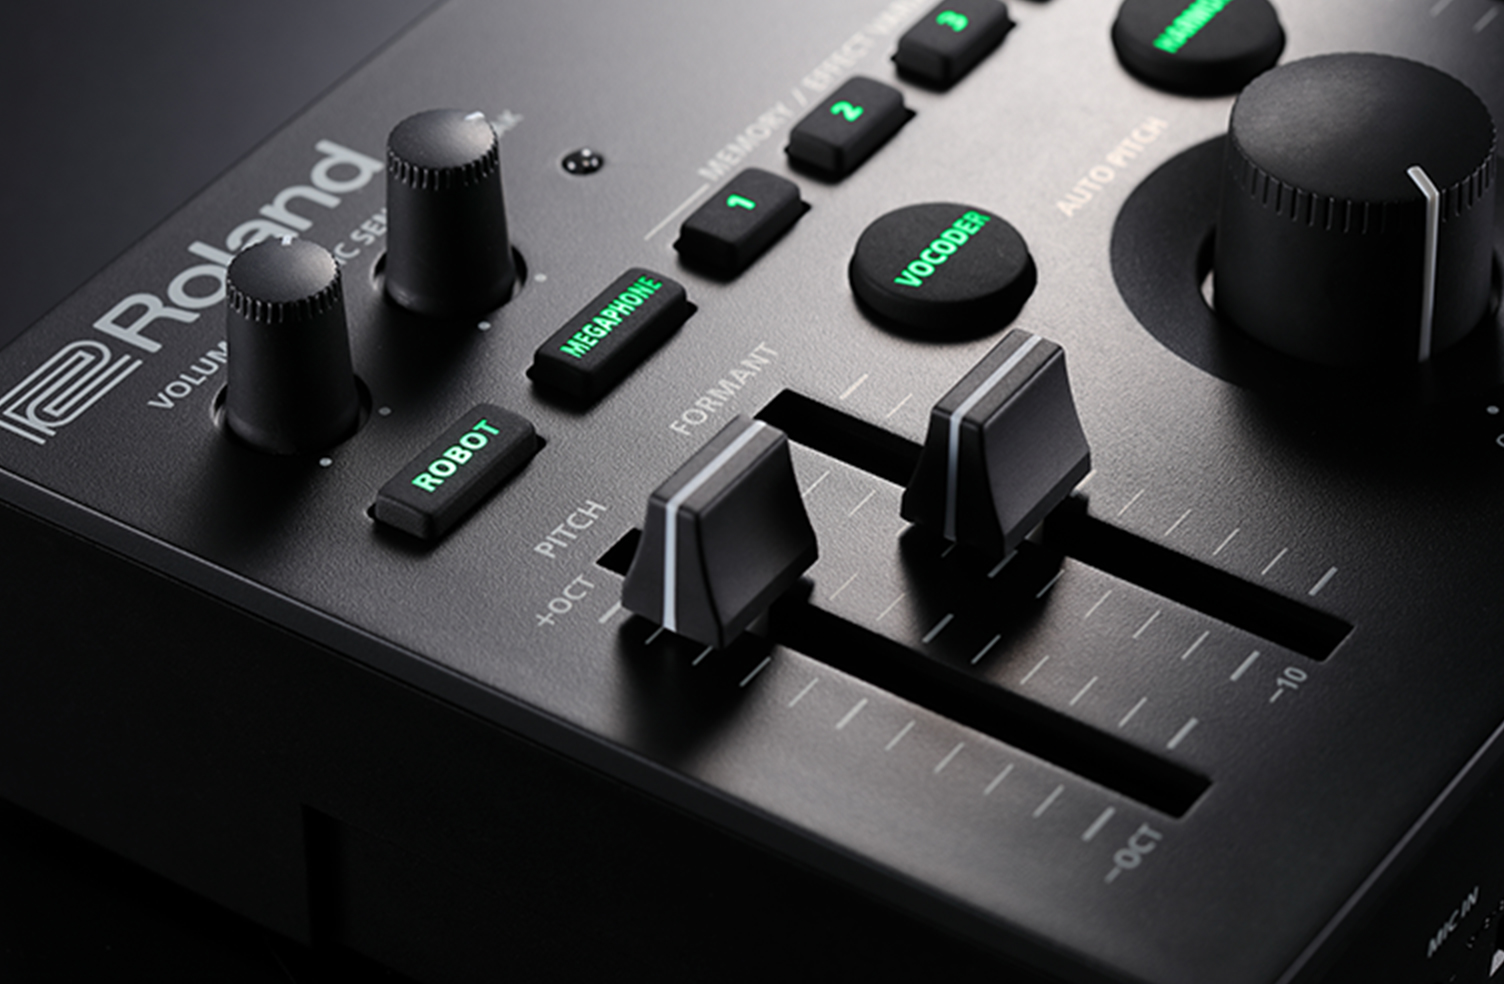 思い描いた声に 従来、ピッチ・エフェクトやフォルマント・エフェクトで声を高品質に加工処理するには、PC なしには実現が難しいものがありました。加えてリアルタイムに加工しようとするとレイテンシーに悩まされたり、不快な音が発生してしまったり、といった問題に直面します。ボイス専用のエフェクト・プロセッサーとして開発されたVT-4は高品質かつリアルタイムの音声加工に最適です。トップパネルのピッチ/フォルマント専用スライダーで瞬時に操作、リアルタイムに音に反映されるので煩わしい問題に悩まされることはありません。太くたくましい声や子供の様なかわいらしい声、恐ろしい声など、あなたの思い描いた声へ変貌します。